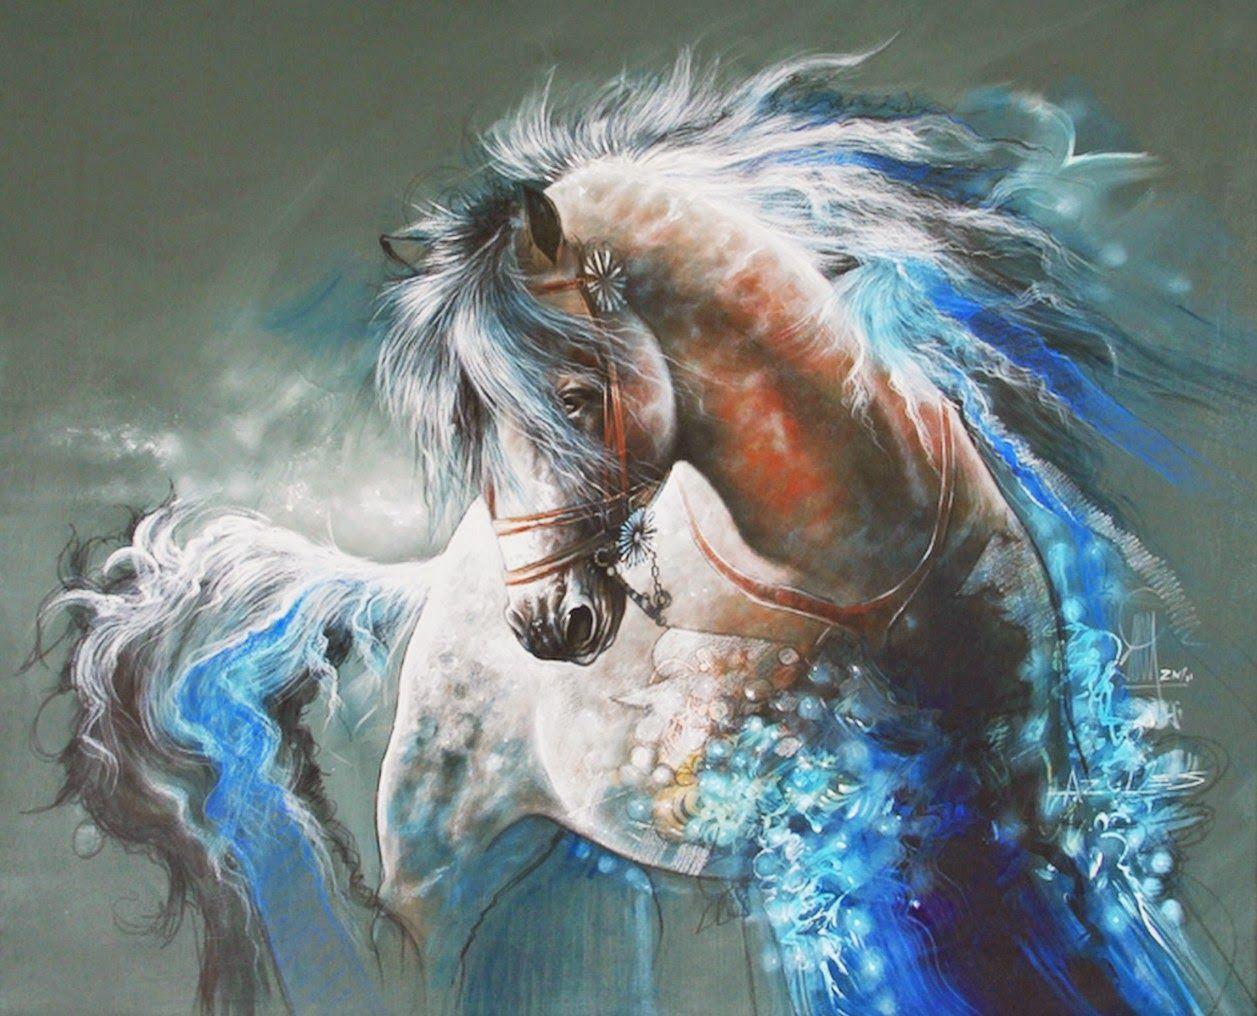 Imagenes-de-pinturas-modernas-con-caballos